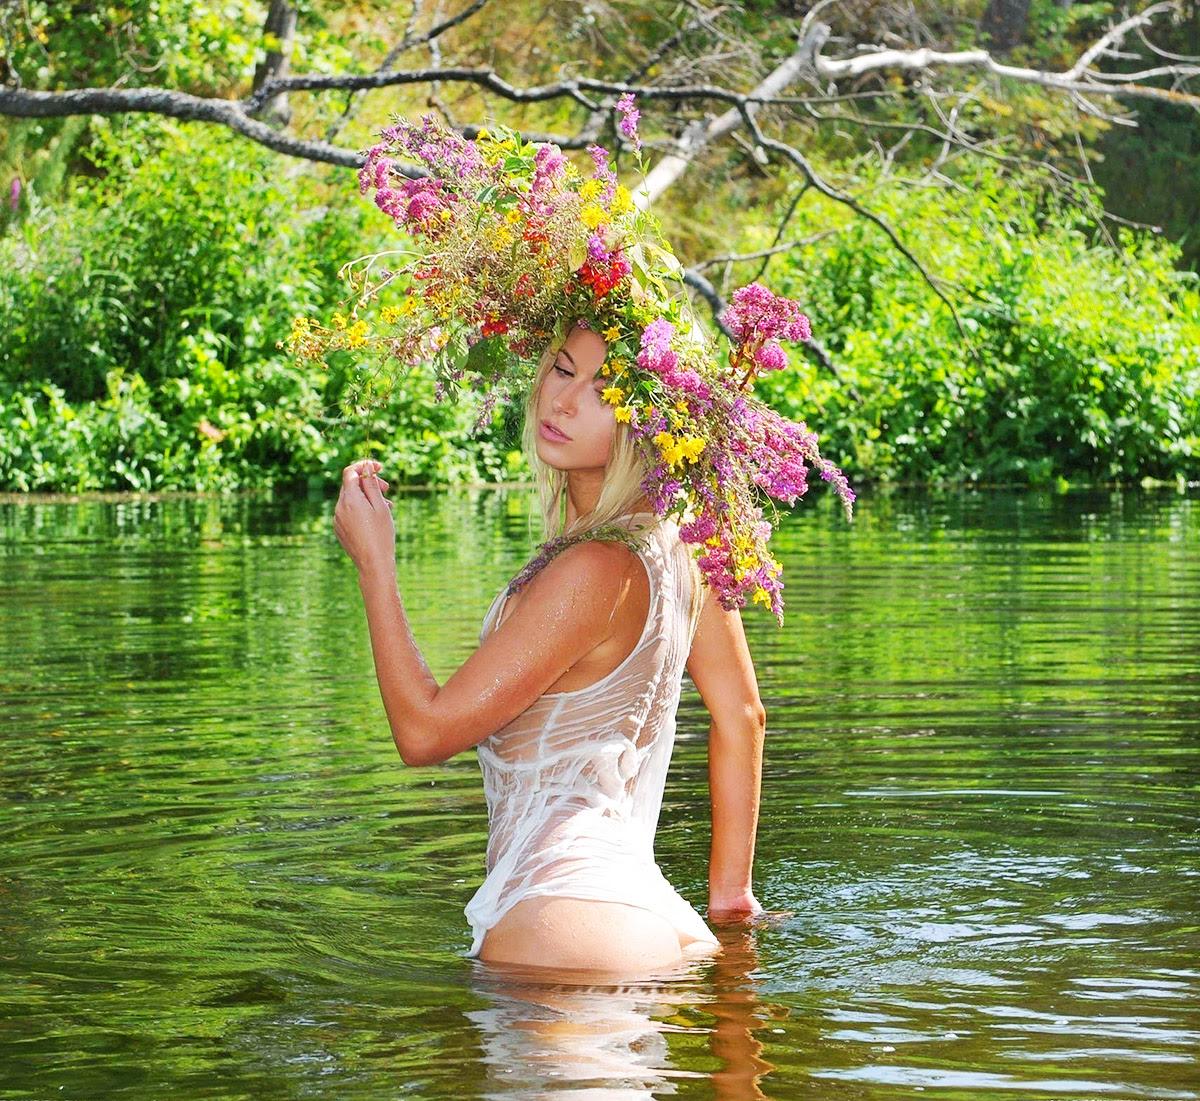 Фото купающихся девочек 18 фотография